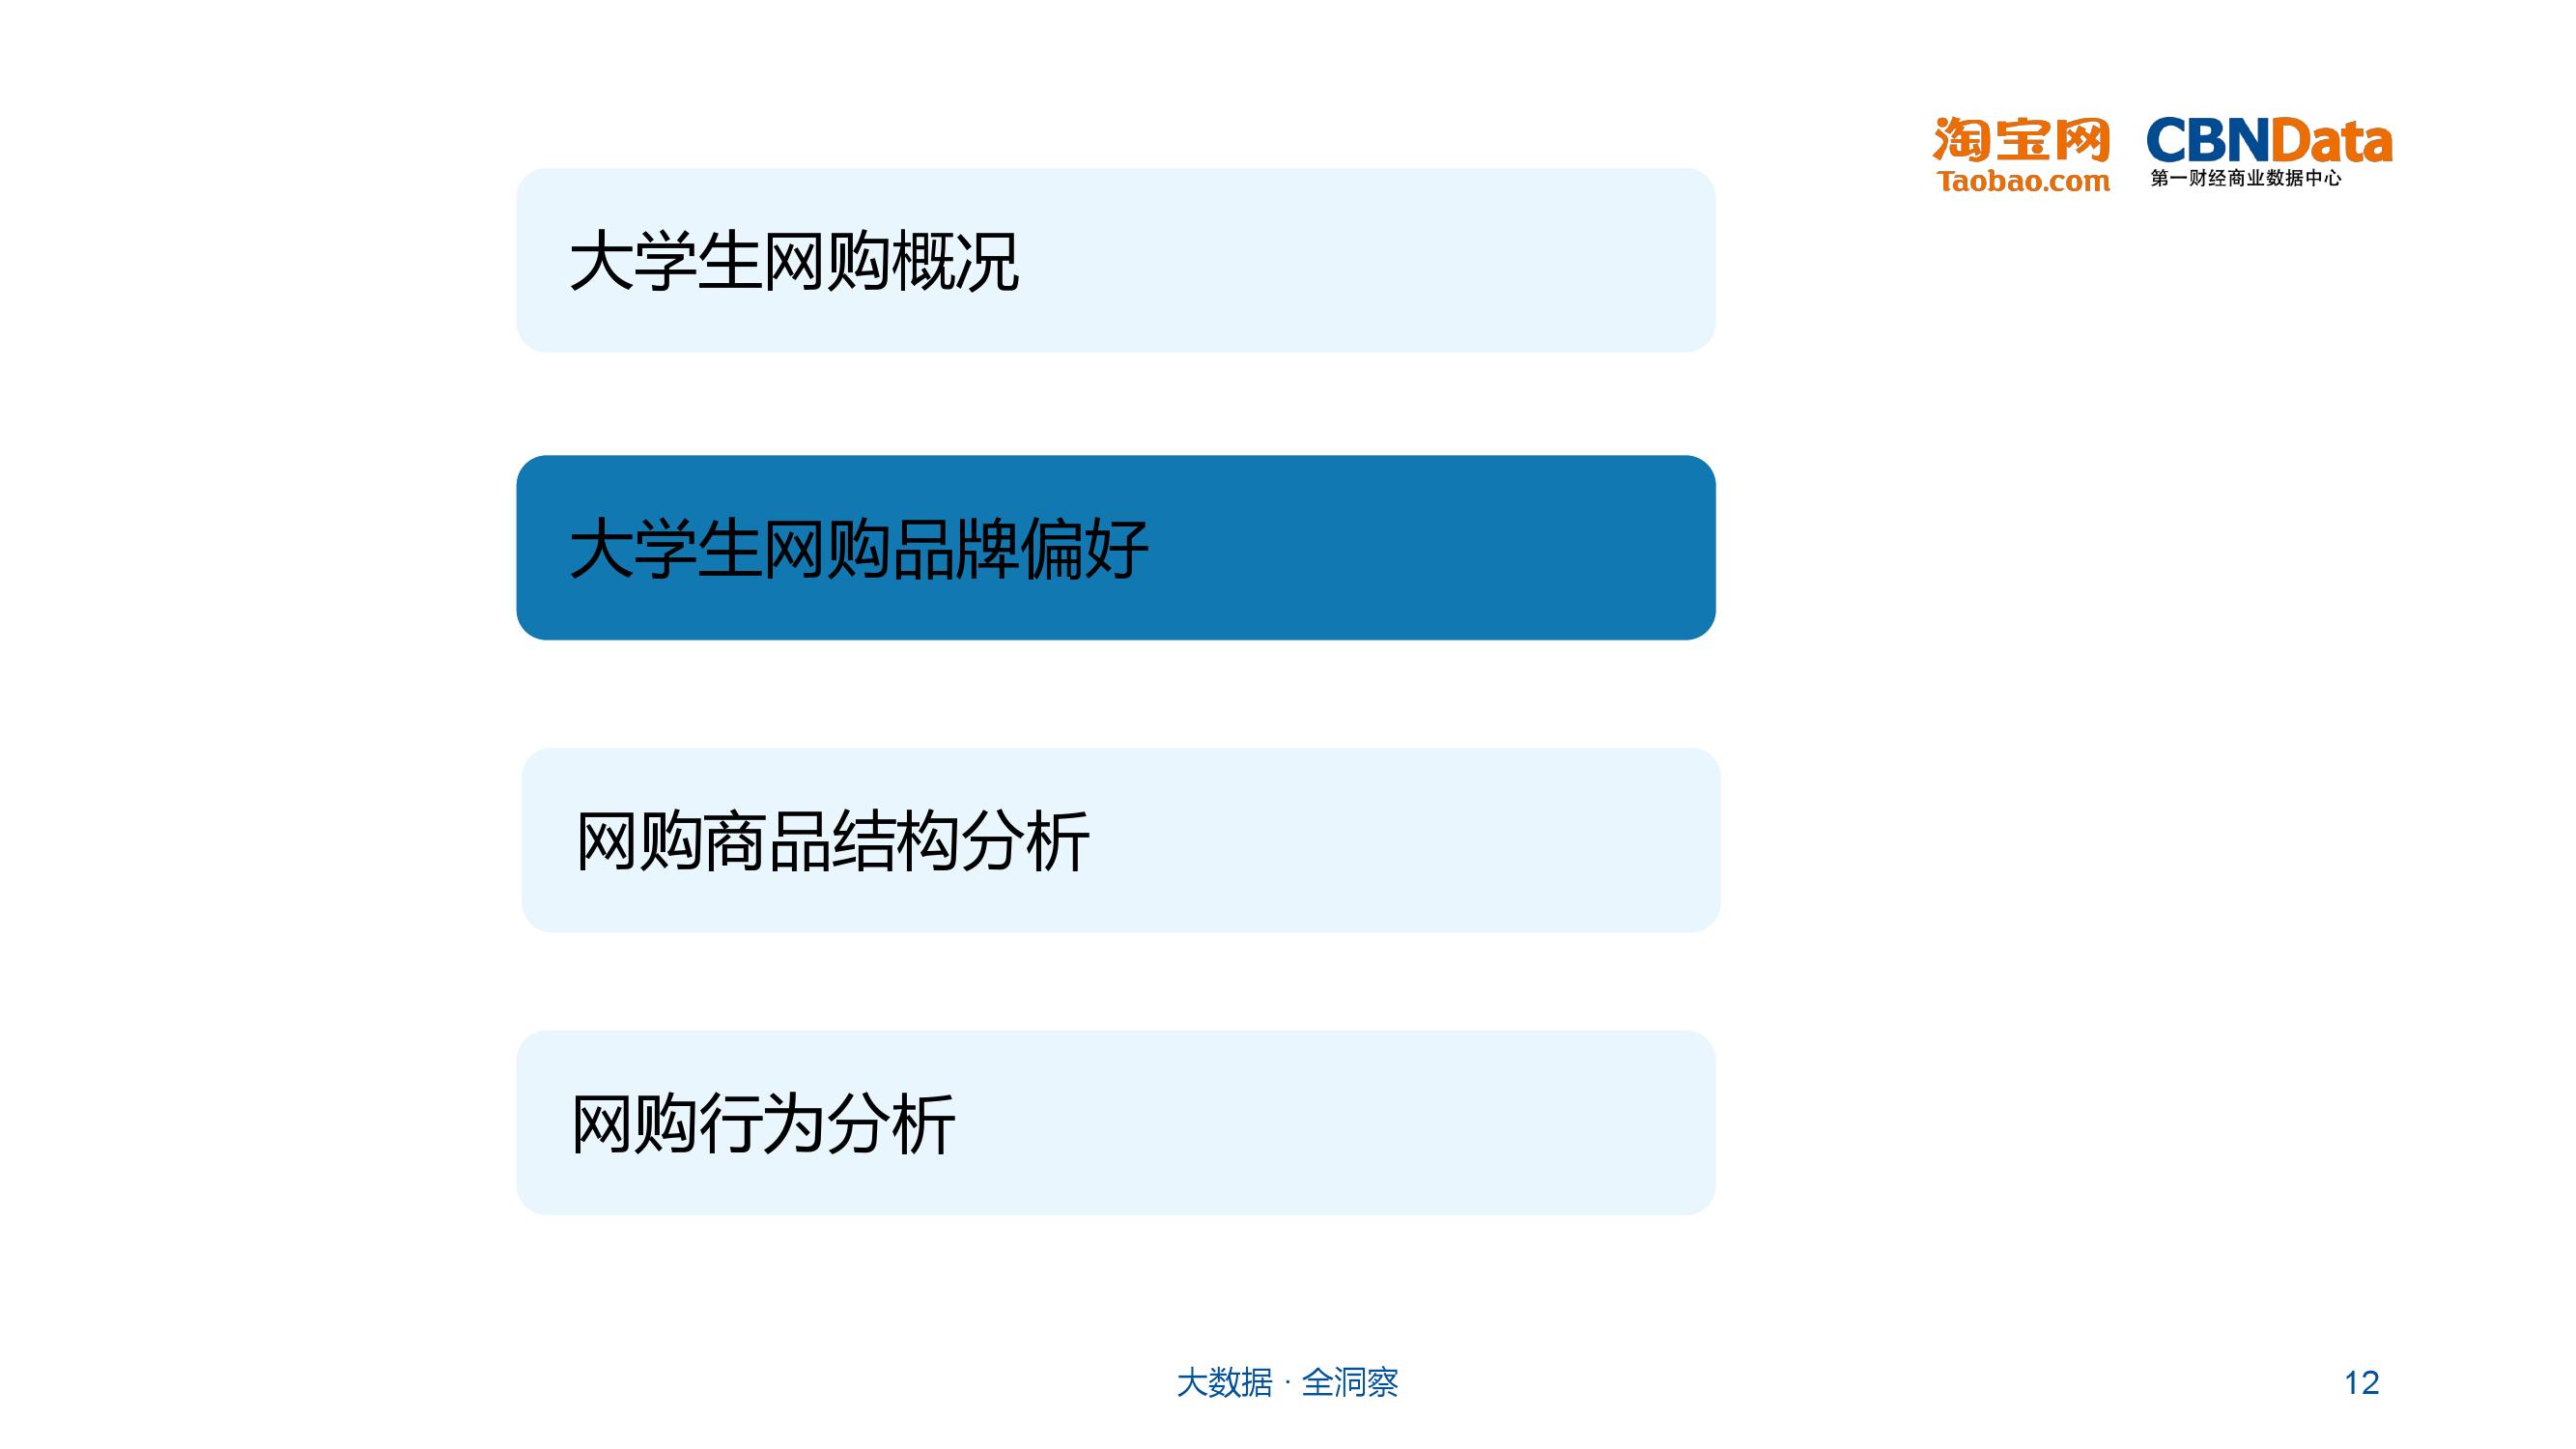 大学生群体网购行为分析_000012